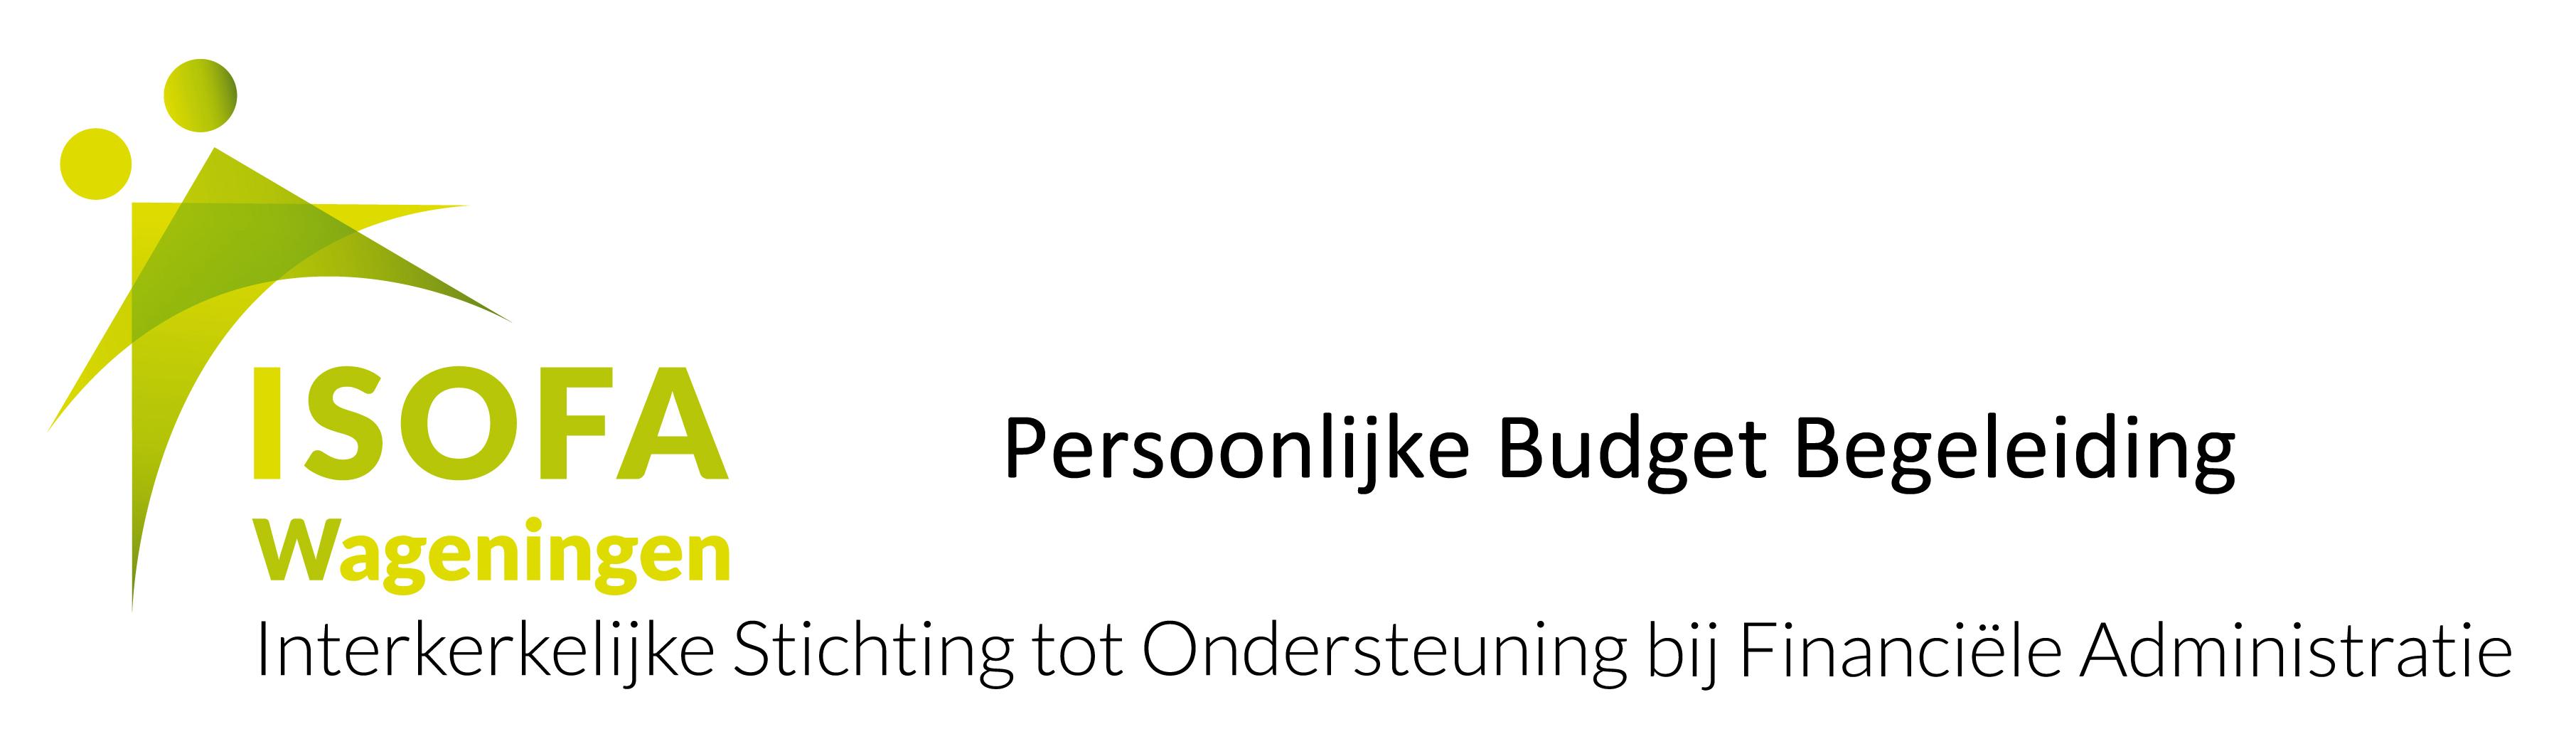 Logo PBB_3